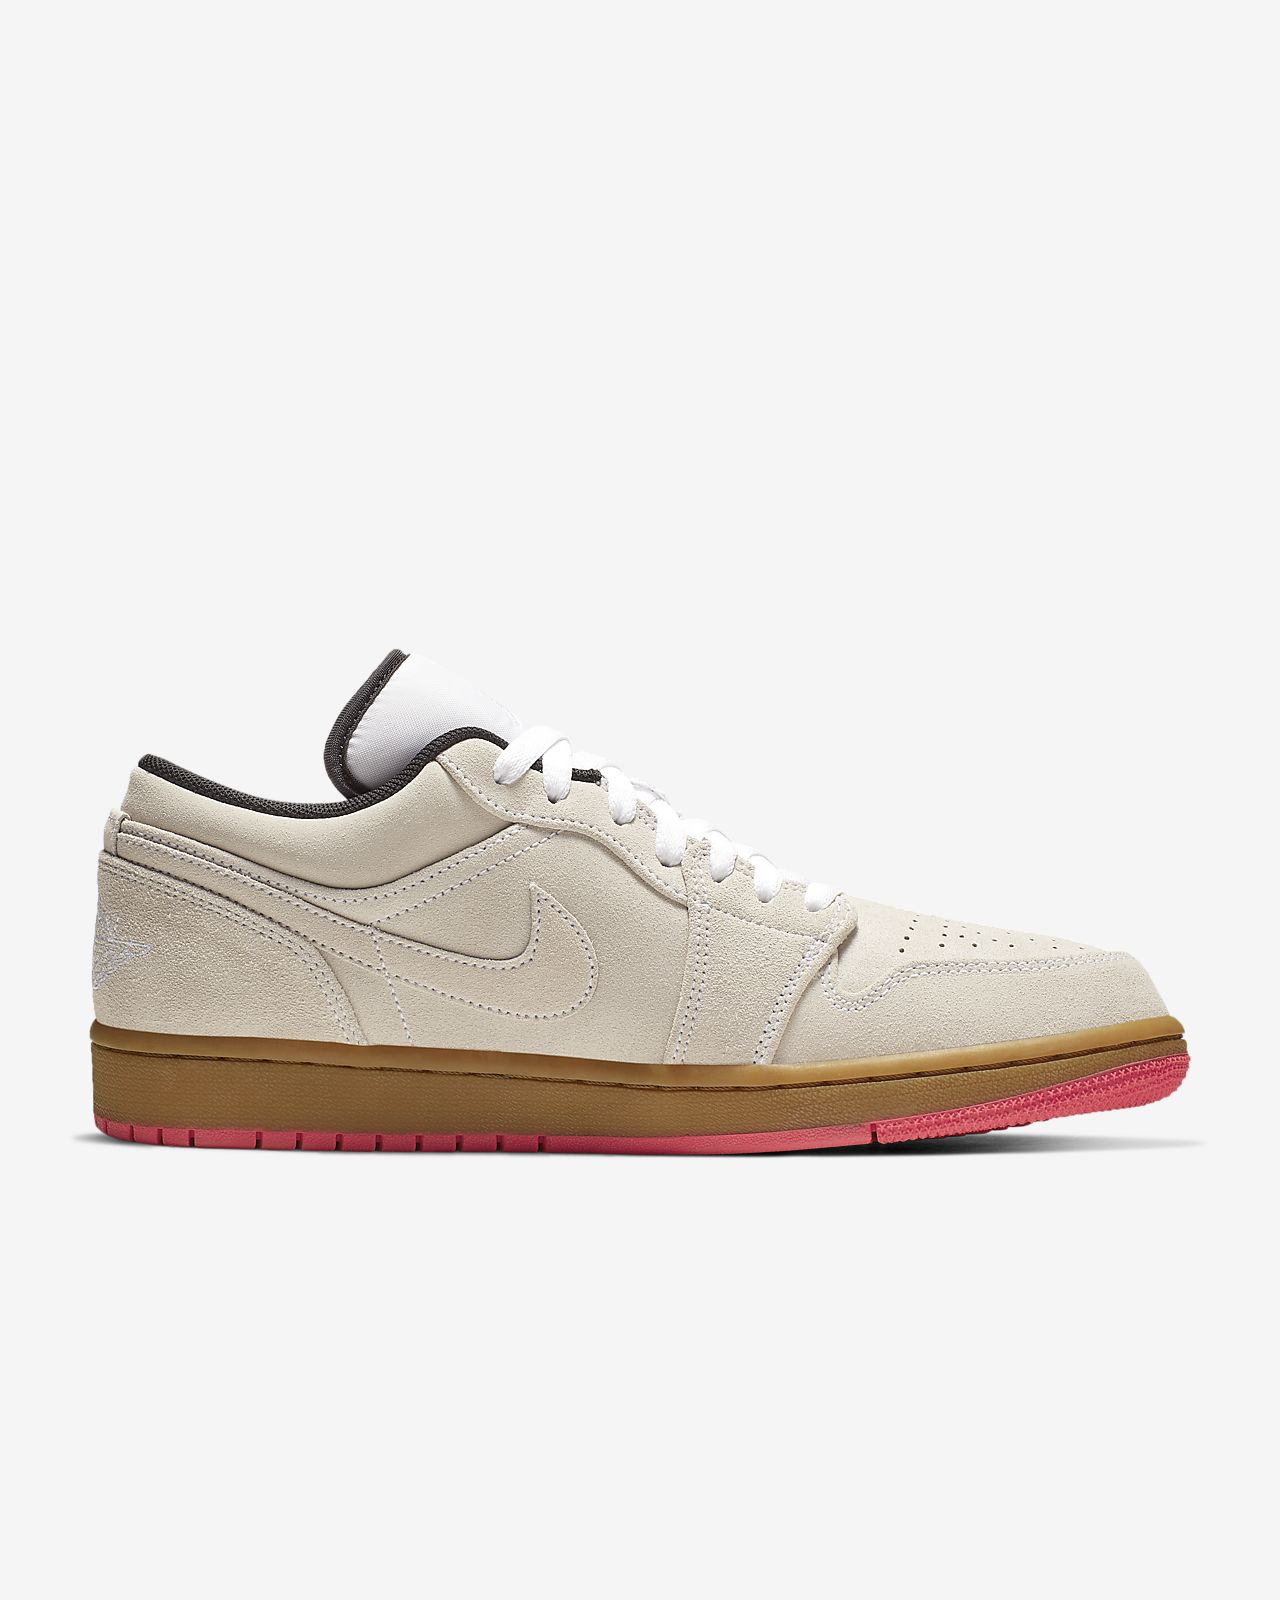 88038622bdb796 Air Jordan 1 Low Men s Shoe. Nike.com CA